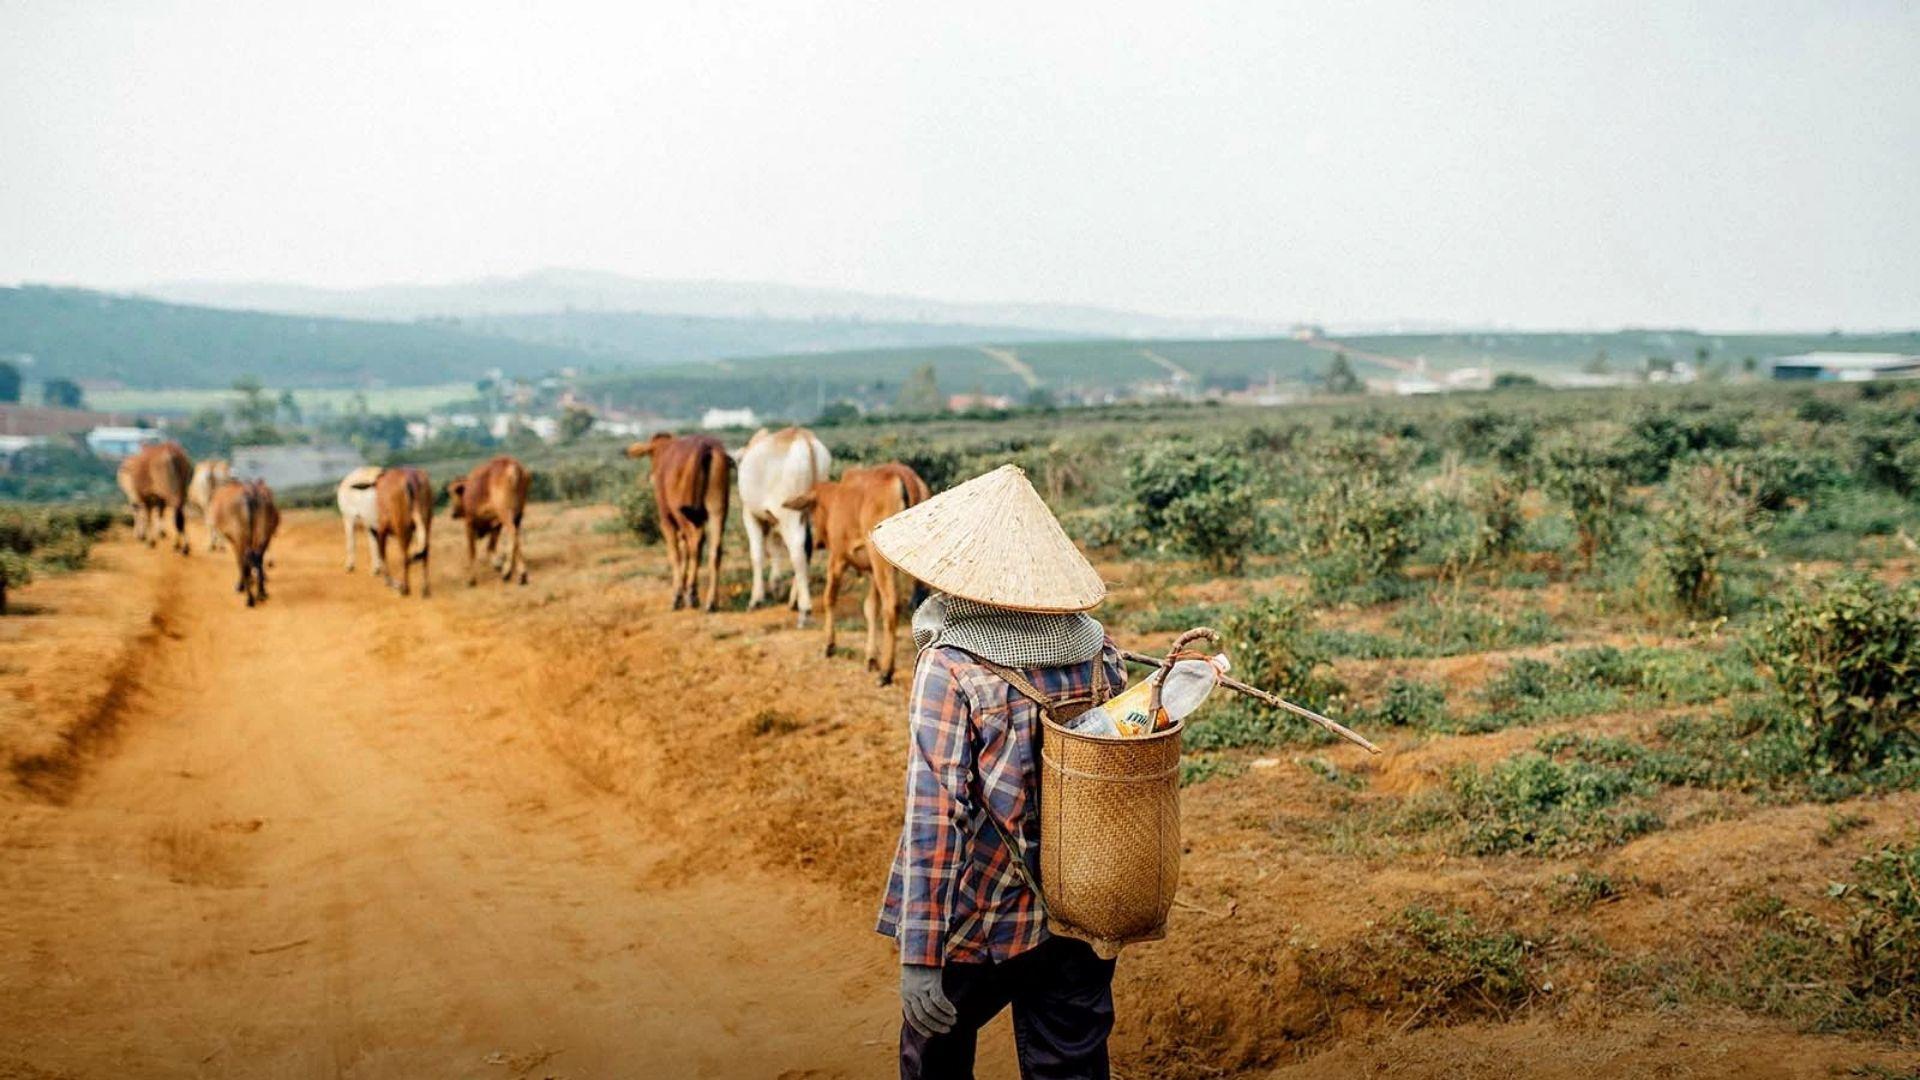 Família cristã é agredida e expulsa de vila no Vietnã